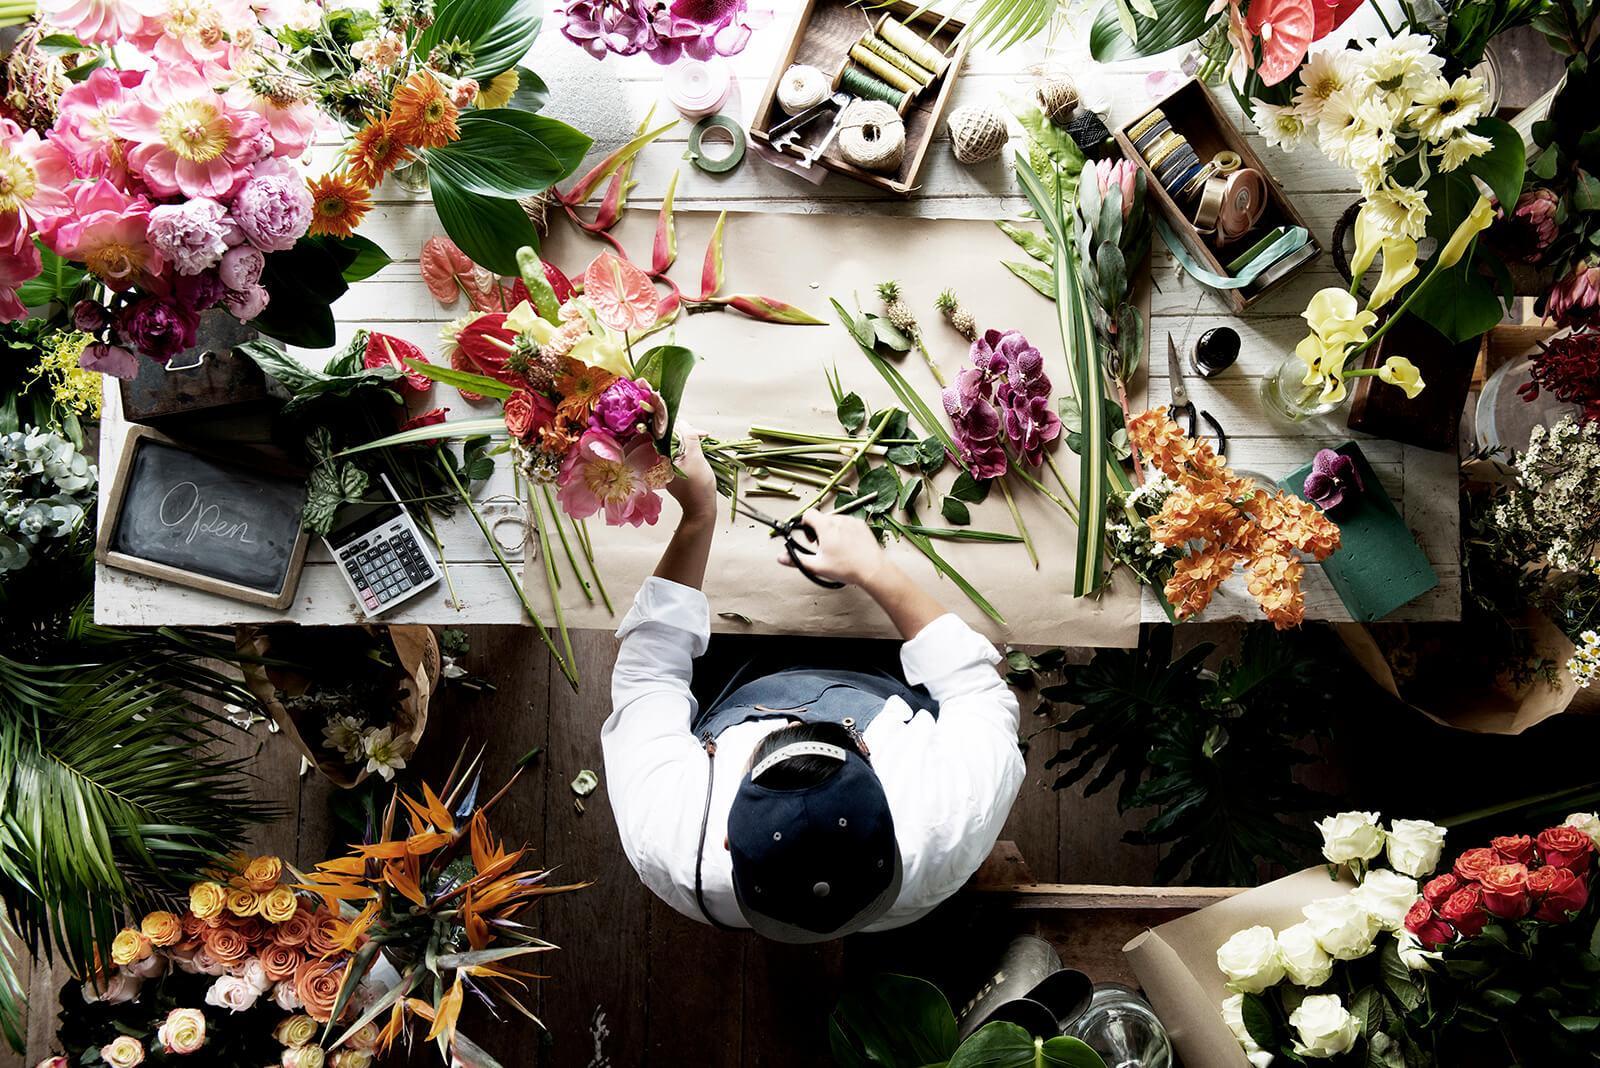 Доставка цветов: критерии выбора цветочного магазина